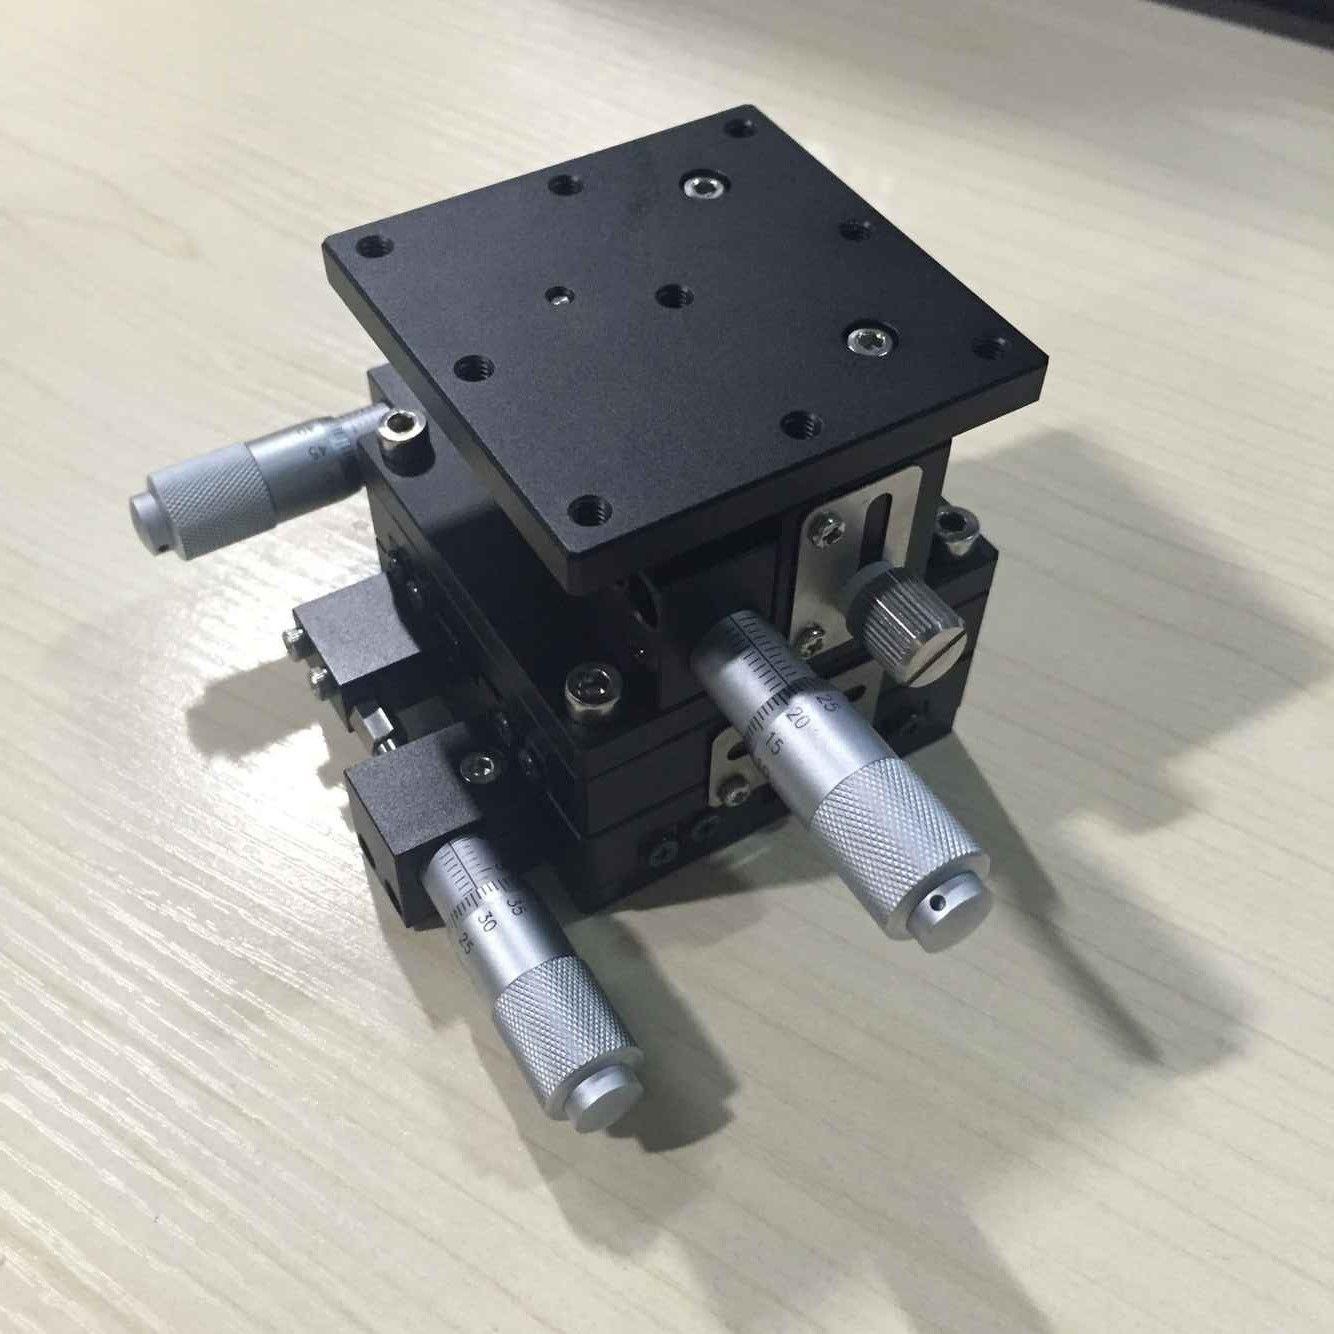 Nouvelle plate-forme de coupe XYZ 3 axes 60x60mm étape linéaire réglable plate-forme de déplacement manuel Table coulissante